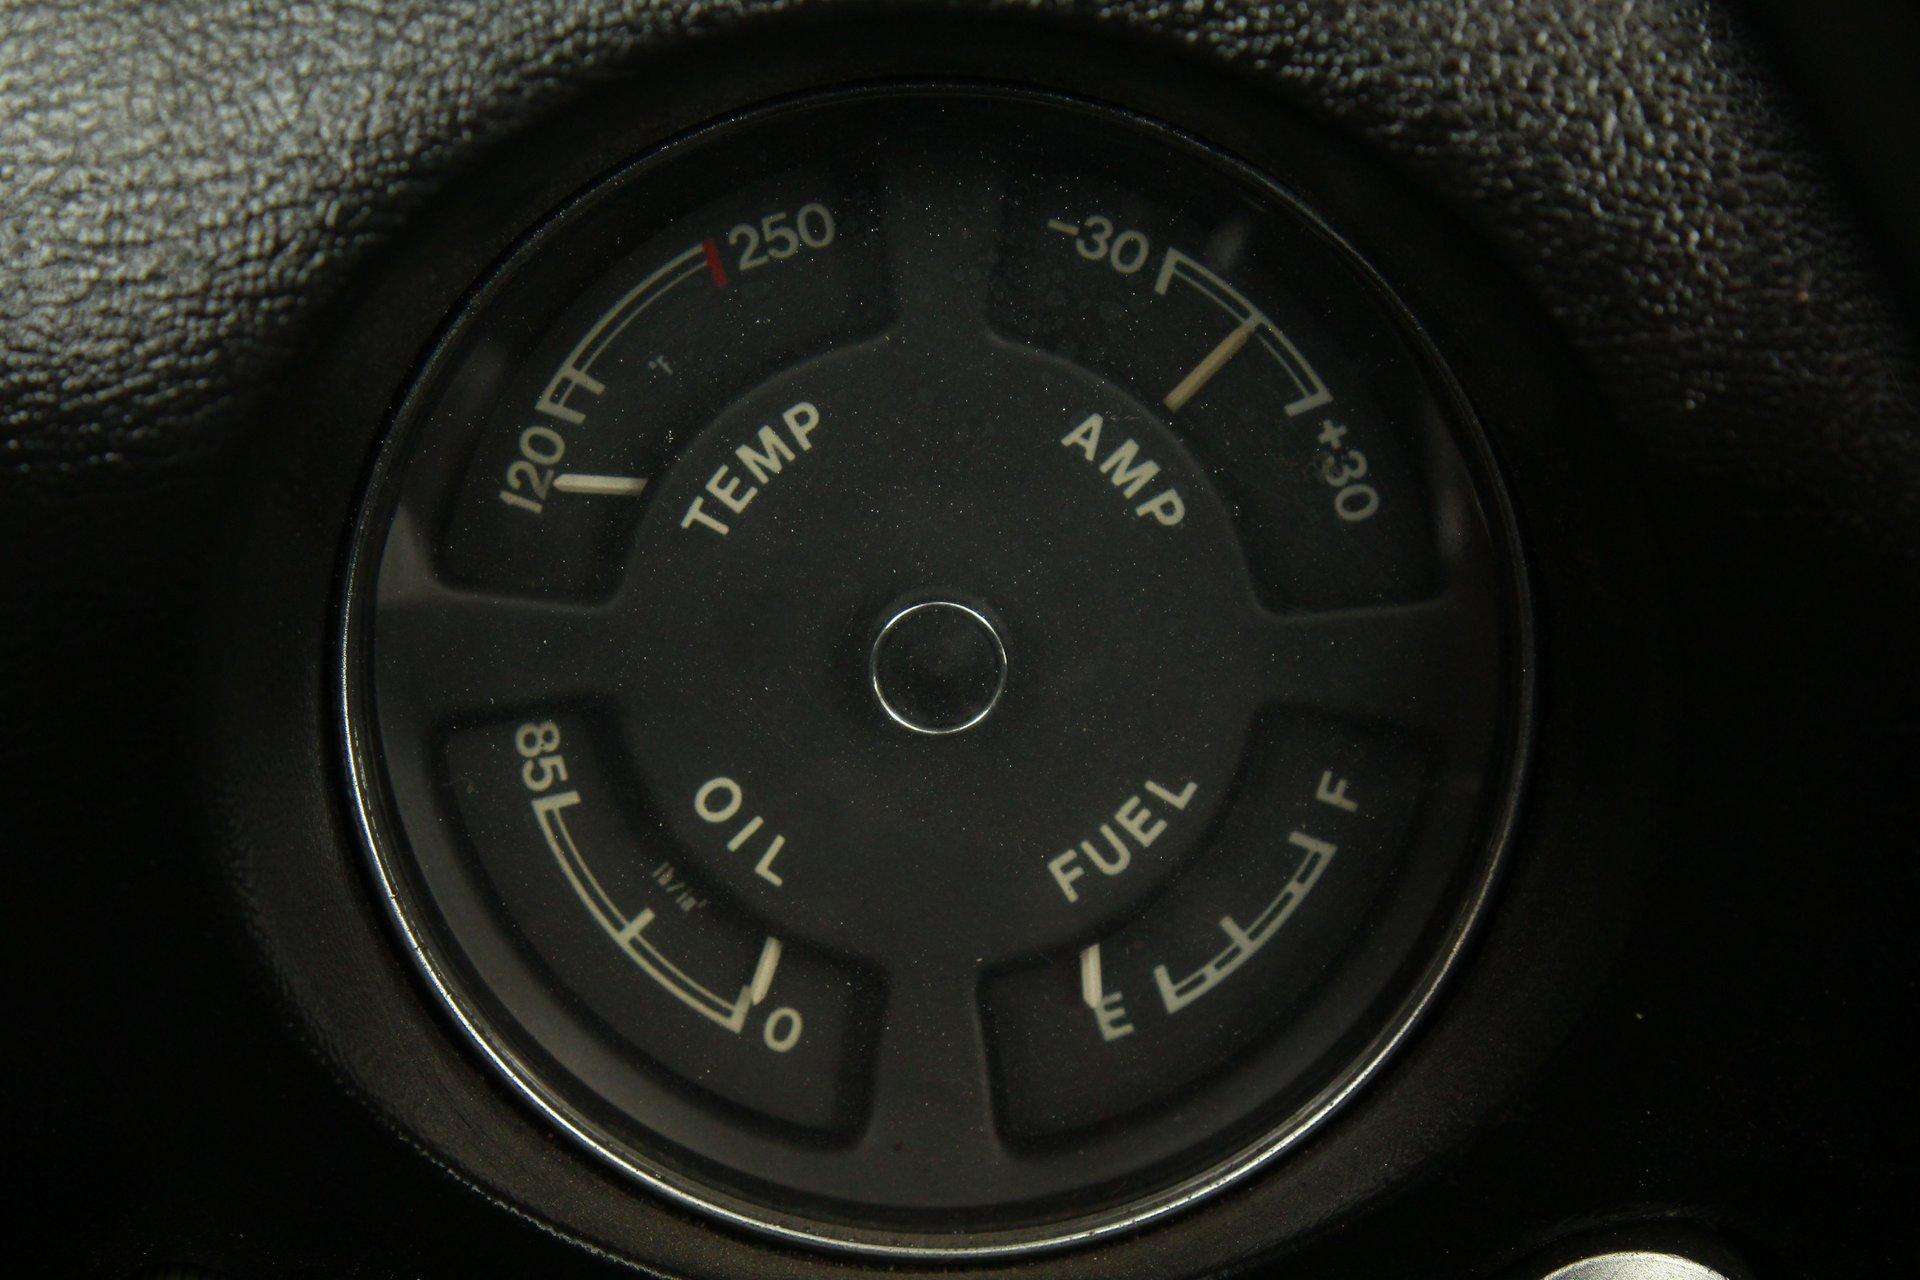 1970 Datsun 2000